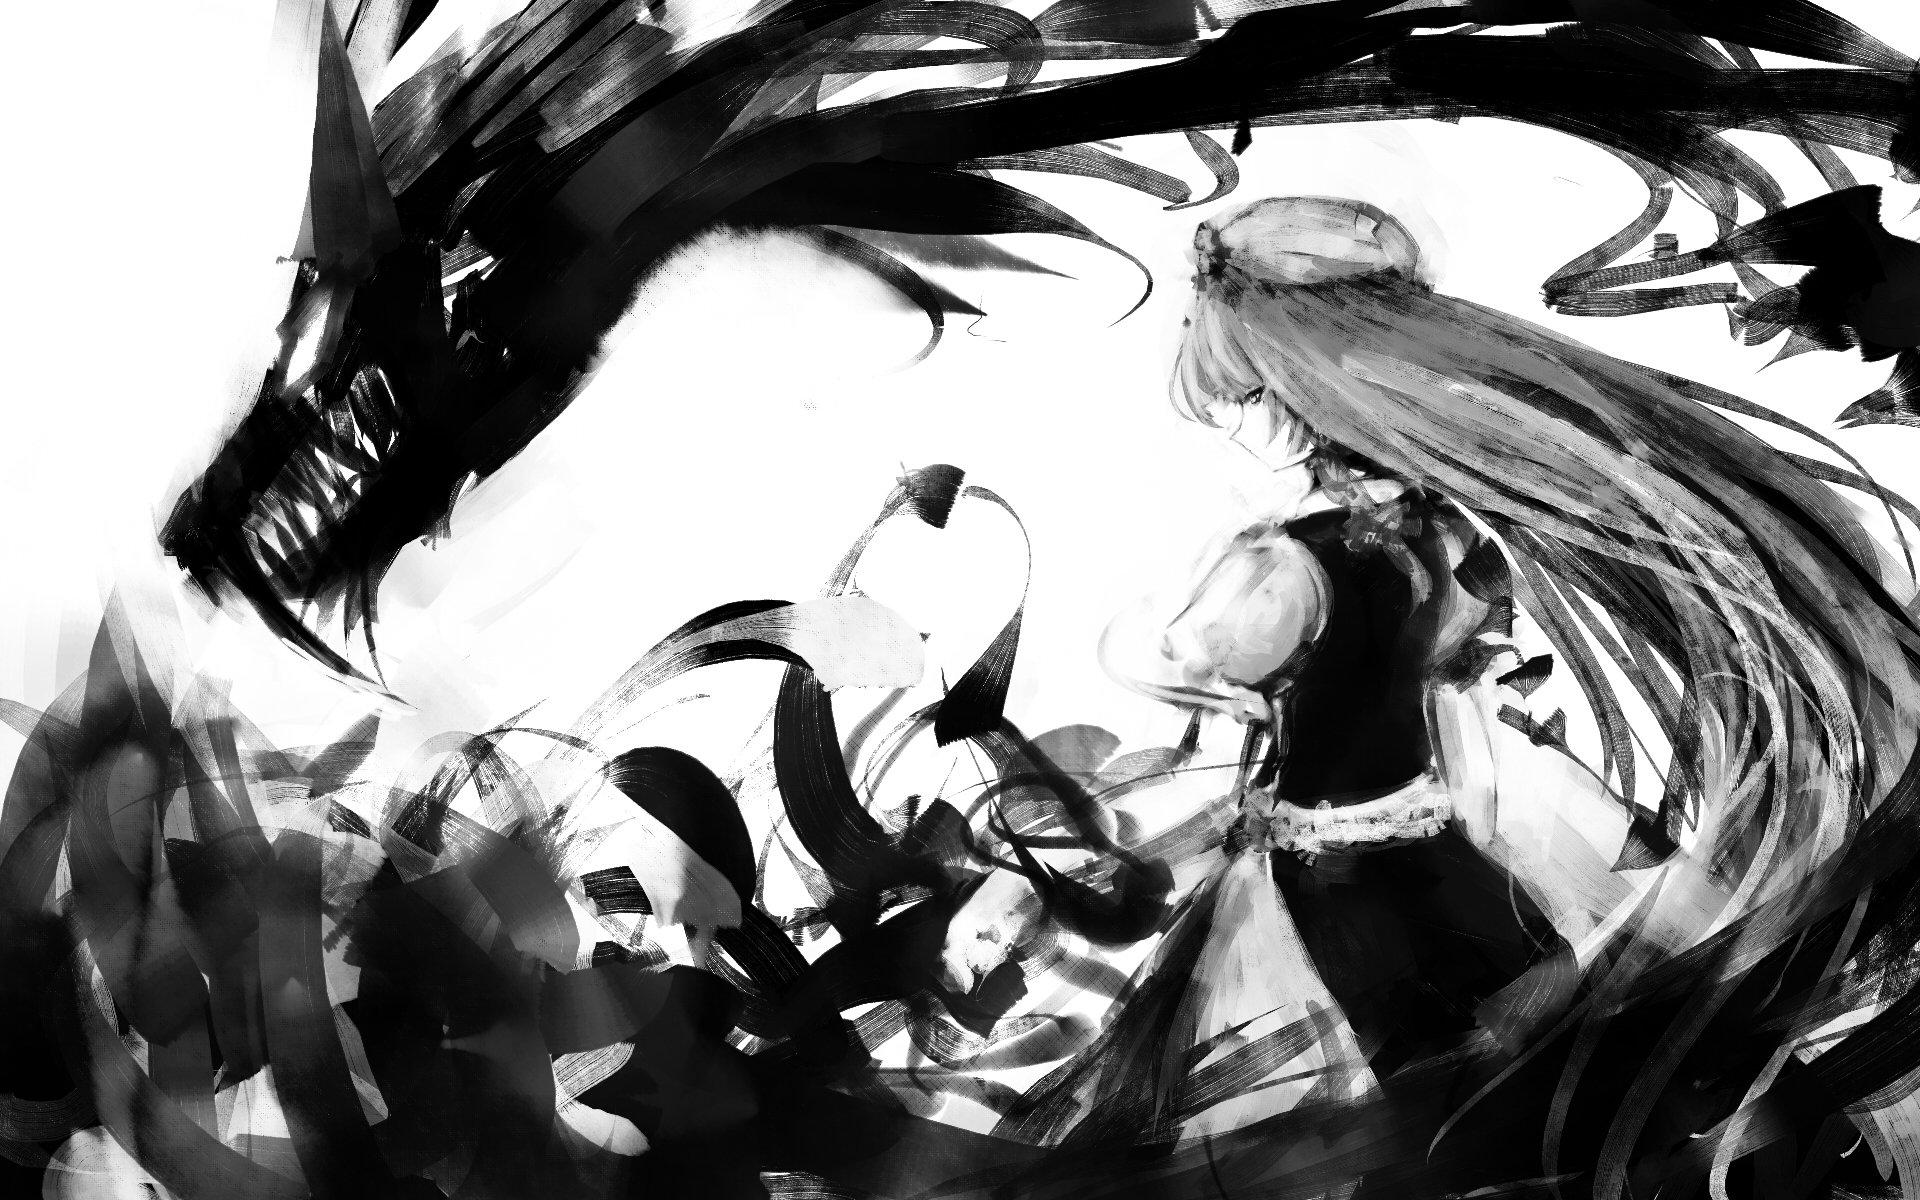 Fantaisie - Dragon  Fond d'écran